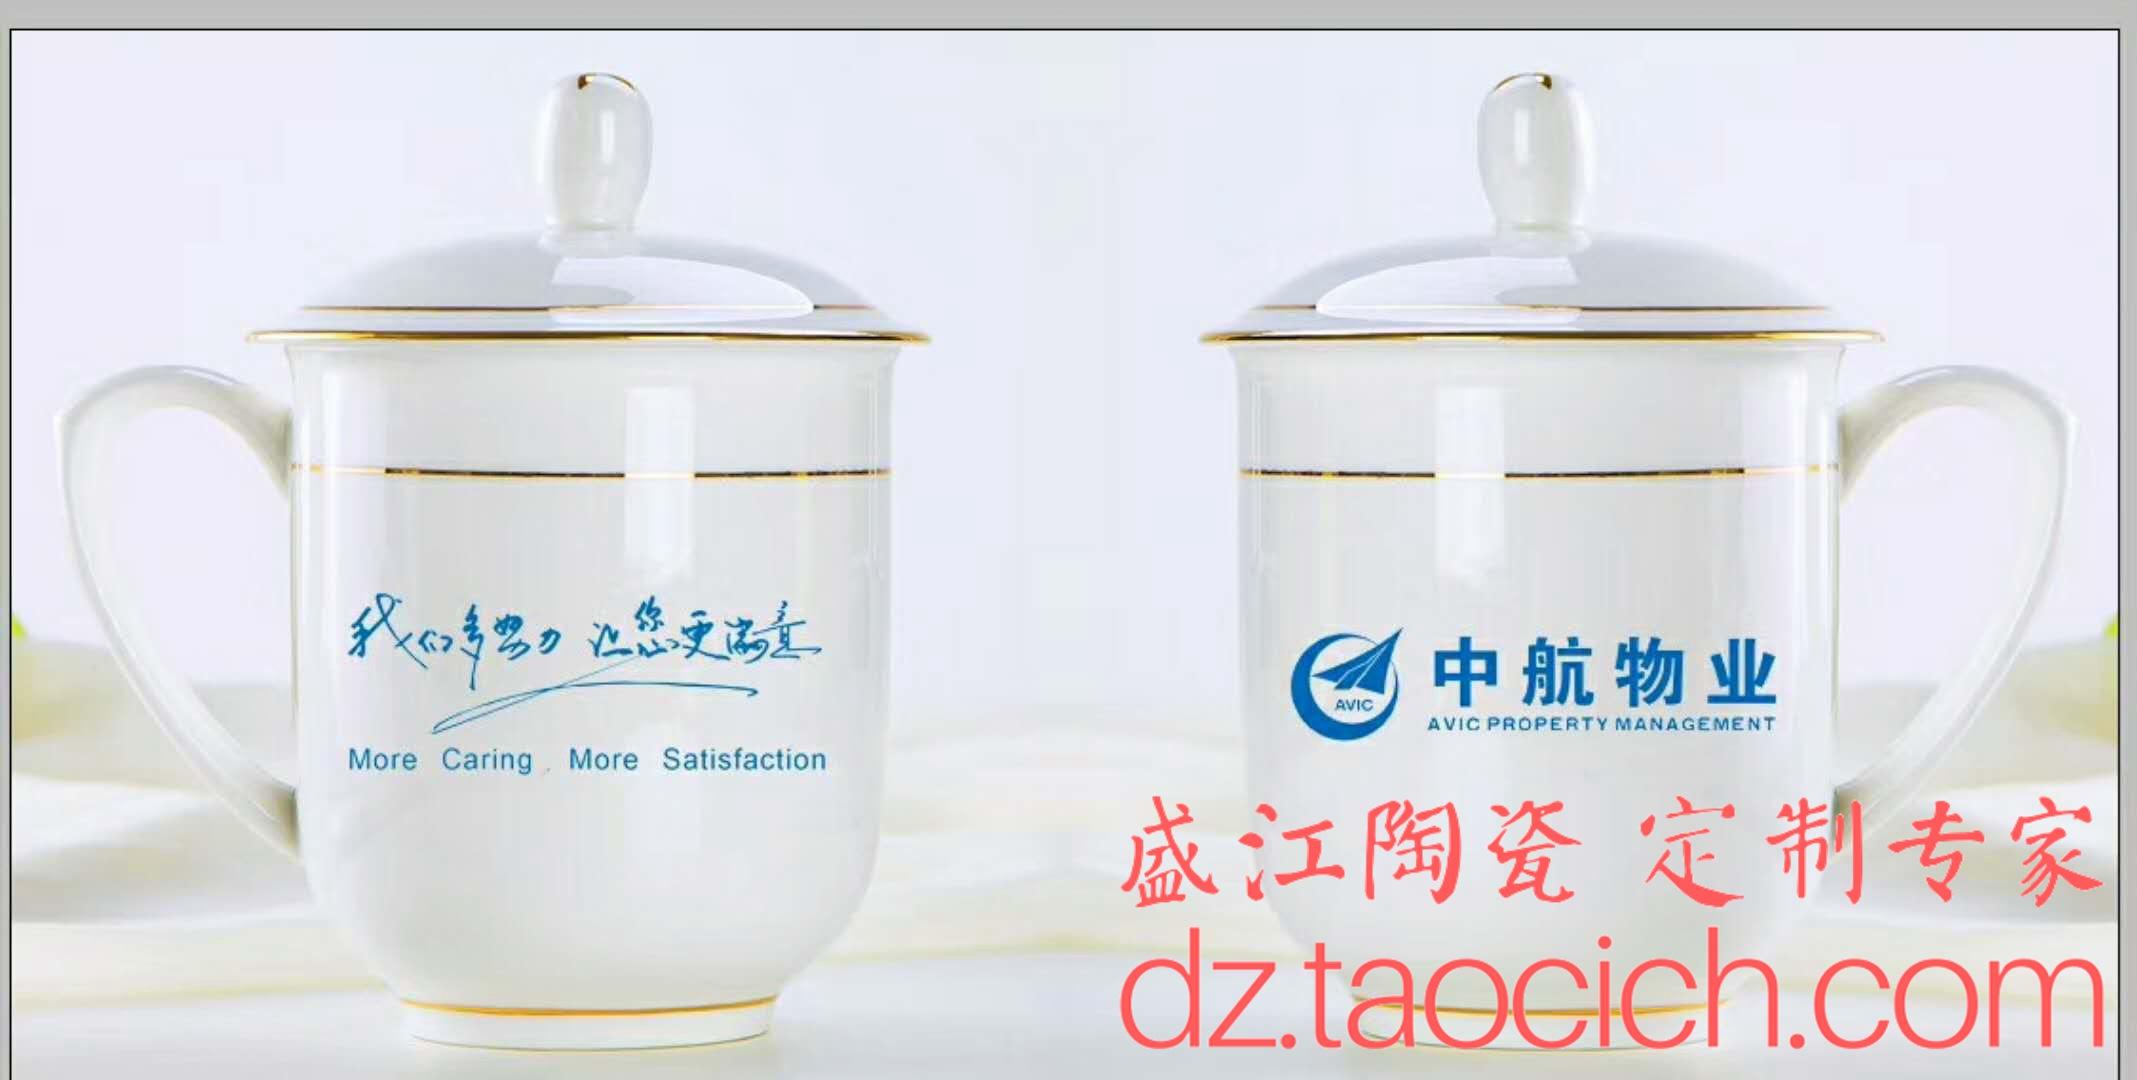 盛江陶瓷 中航物业办公杯定制成功案例